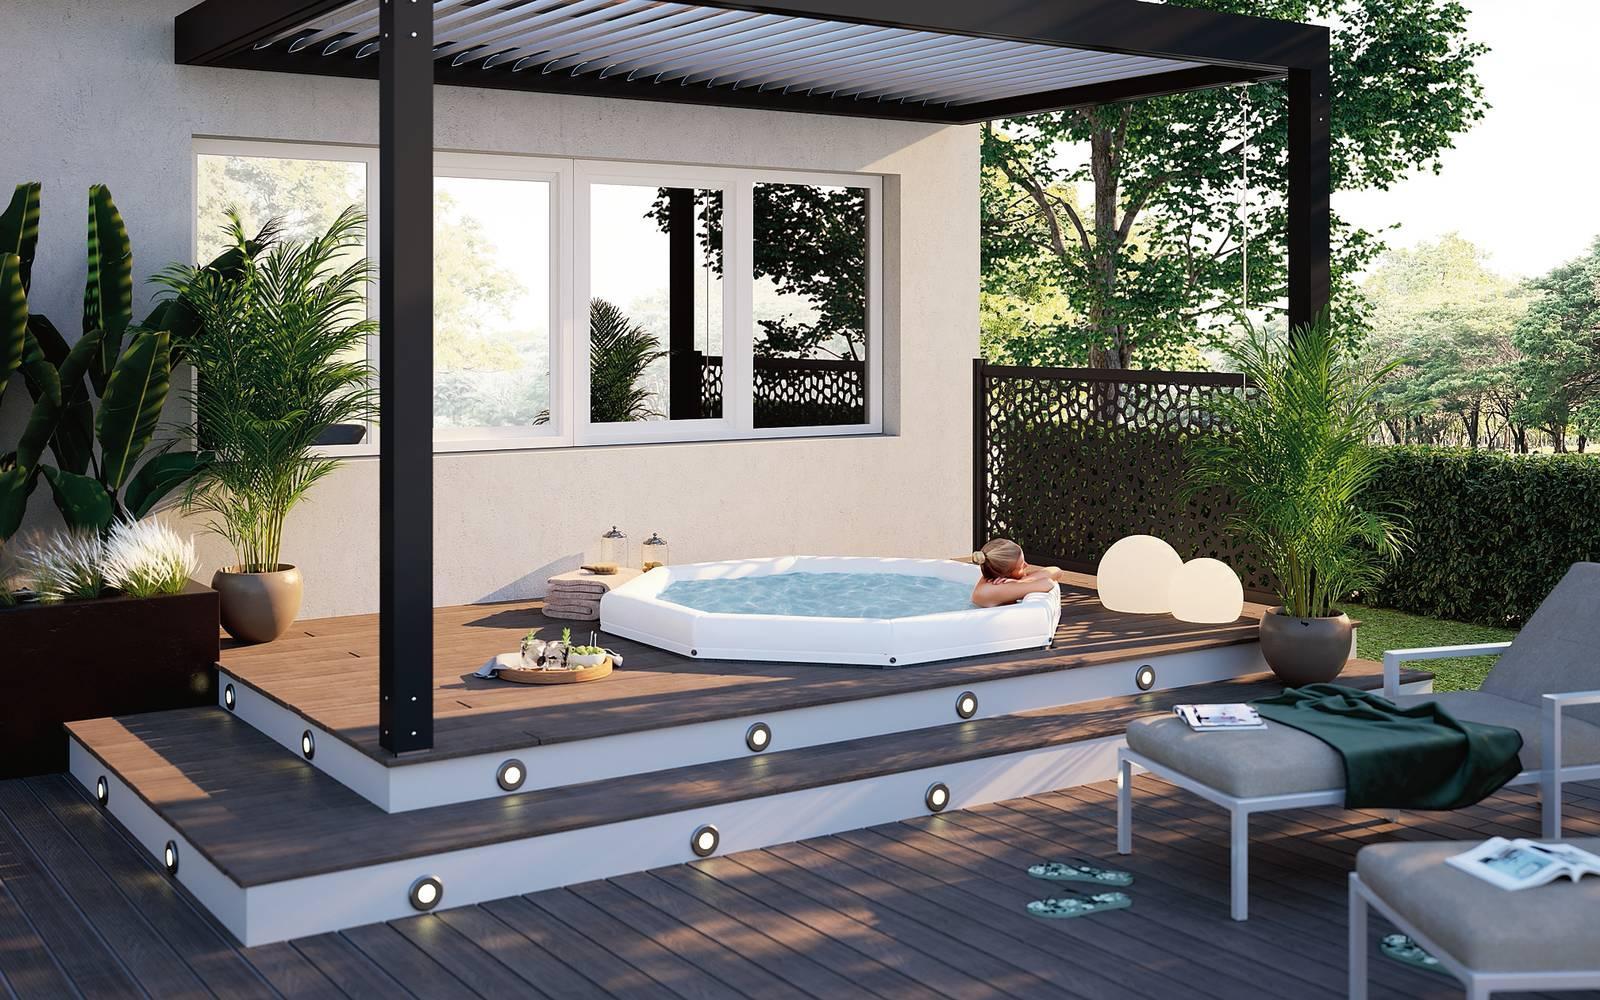 Bagno Esterno In Giardino arredi per l'esterno: rinnovare terrazzo e giardino - cose